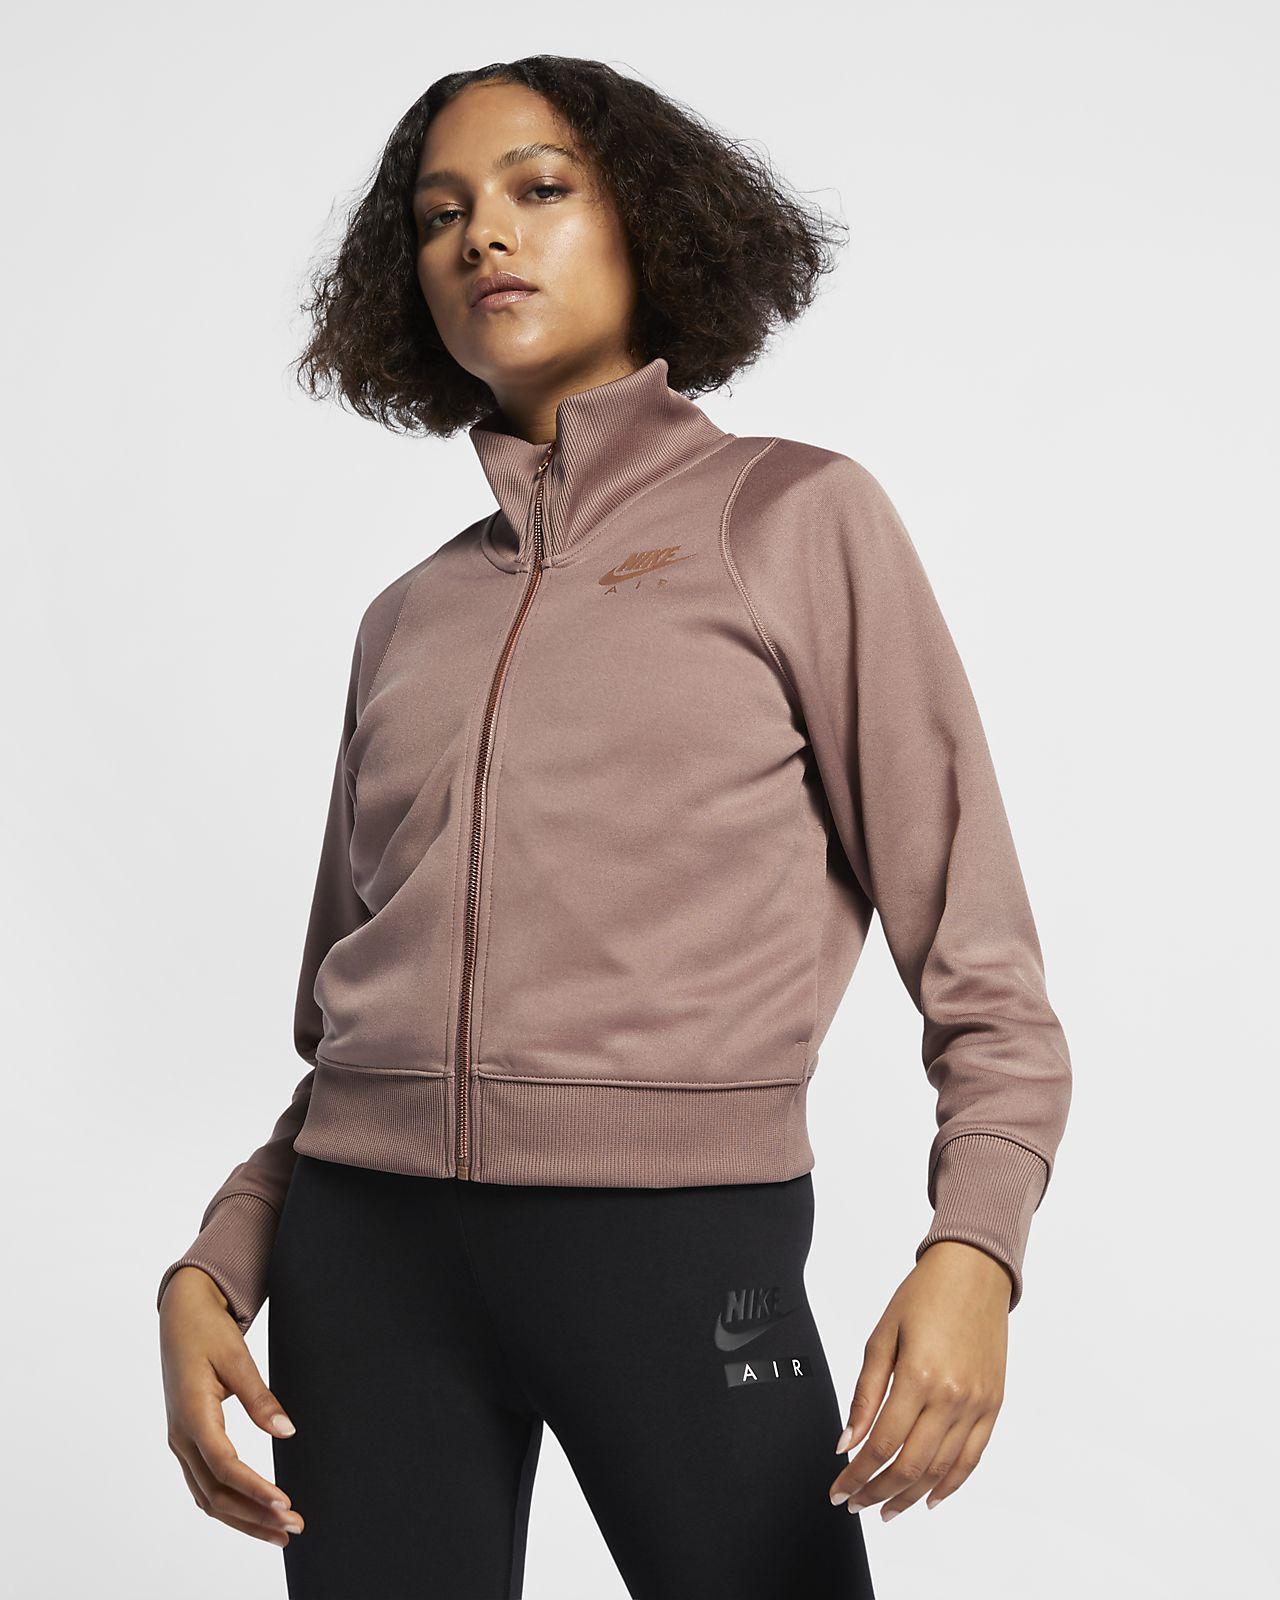 Giacca Nike Air N98 Donna